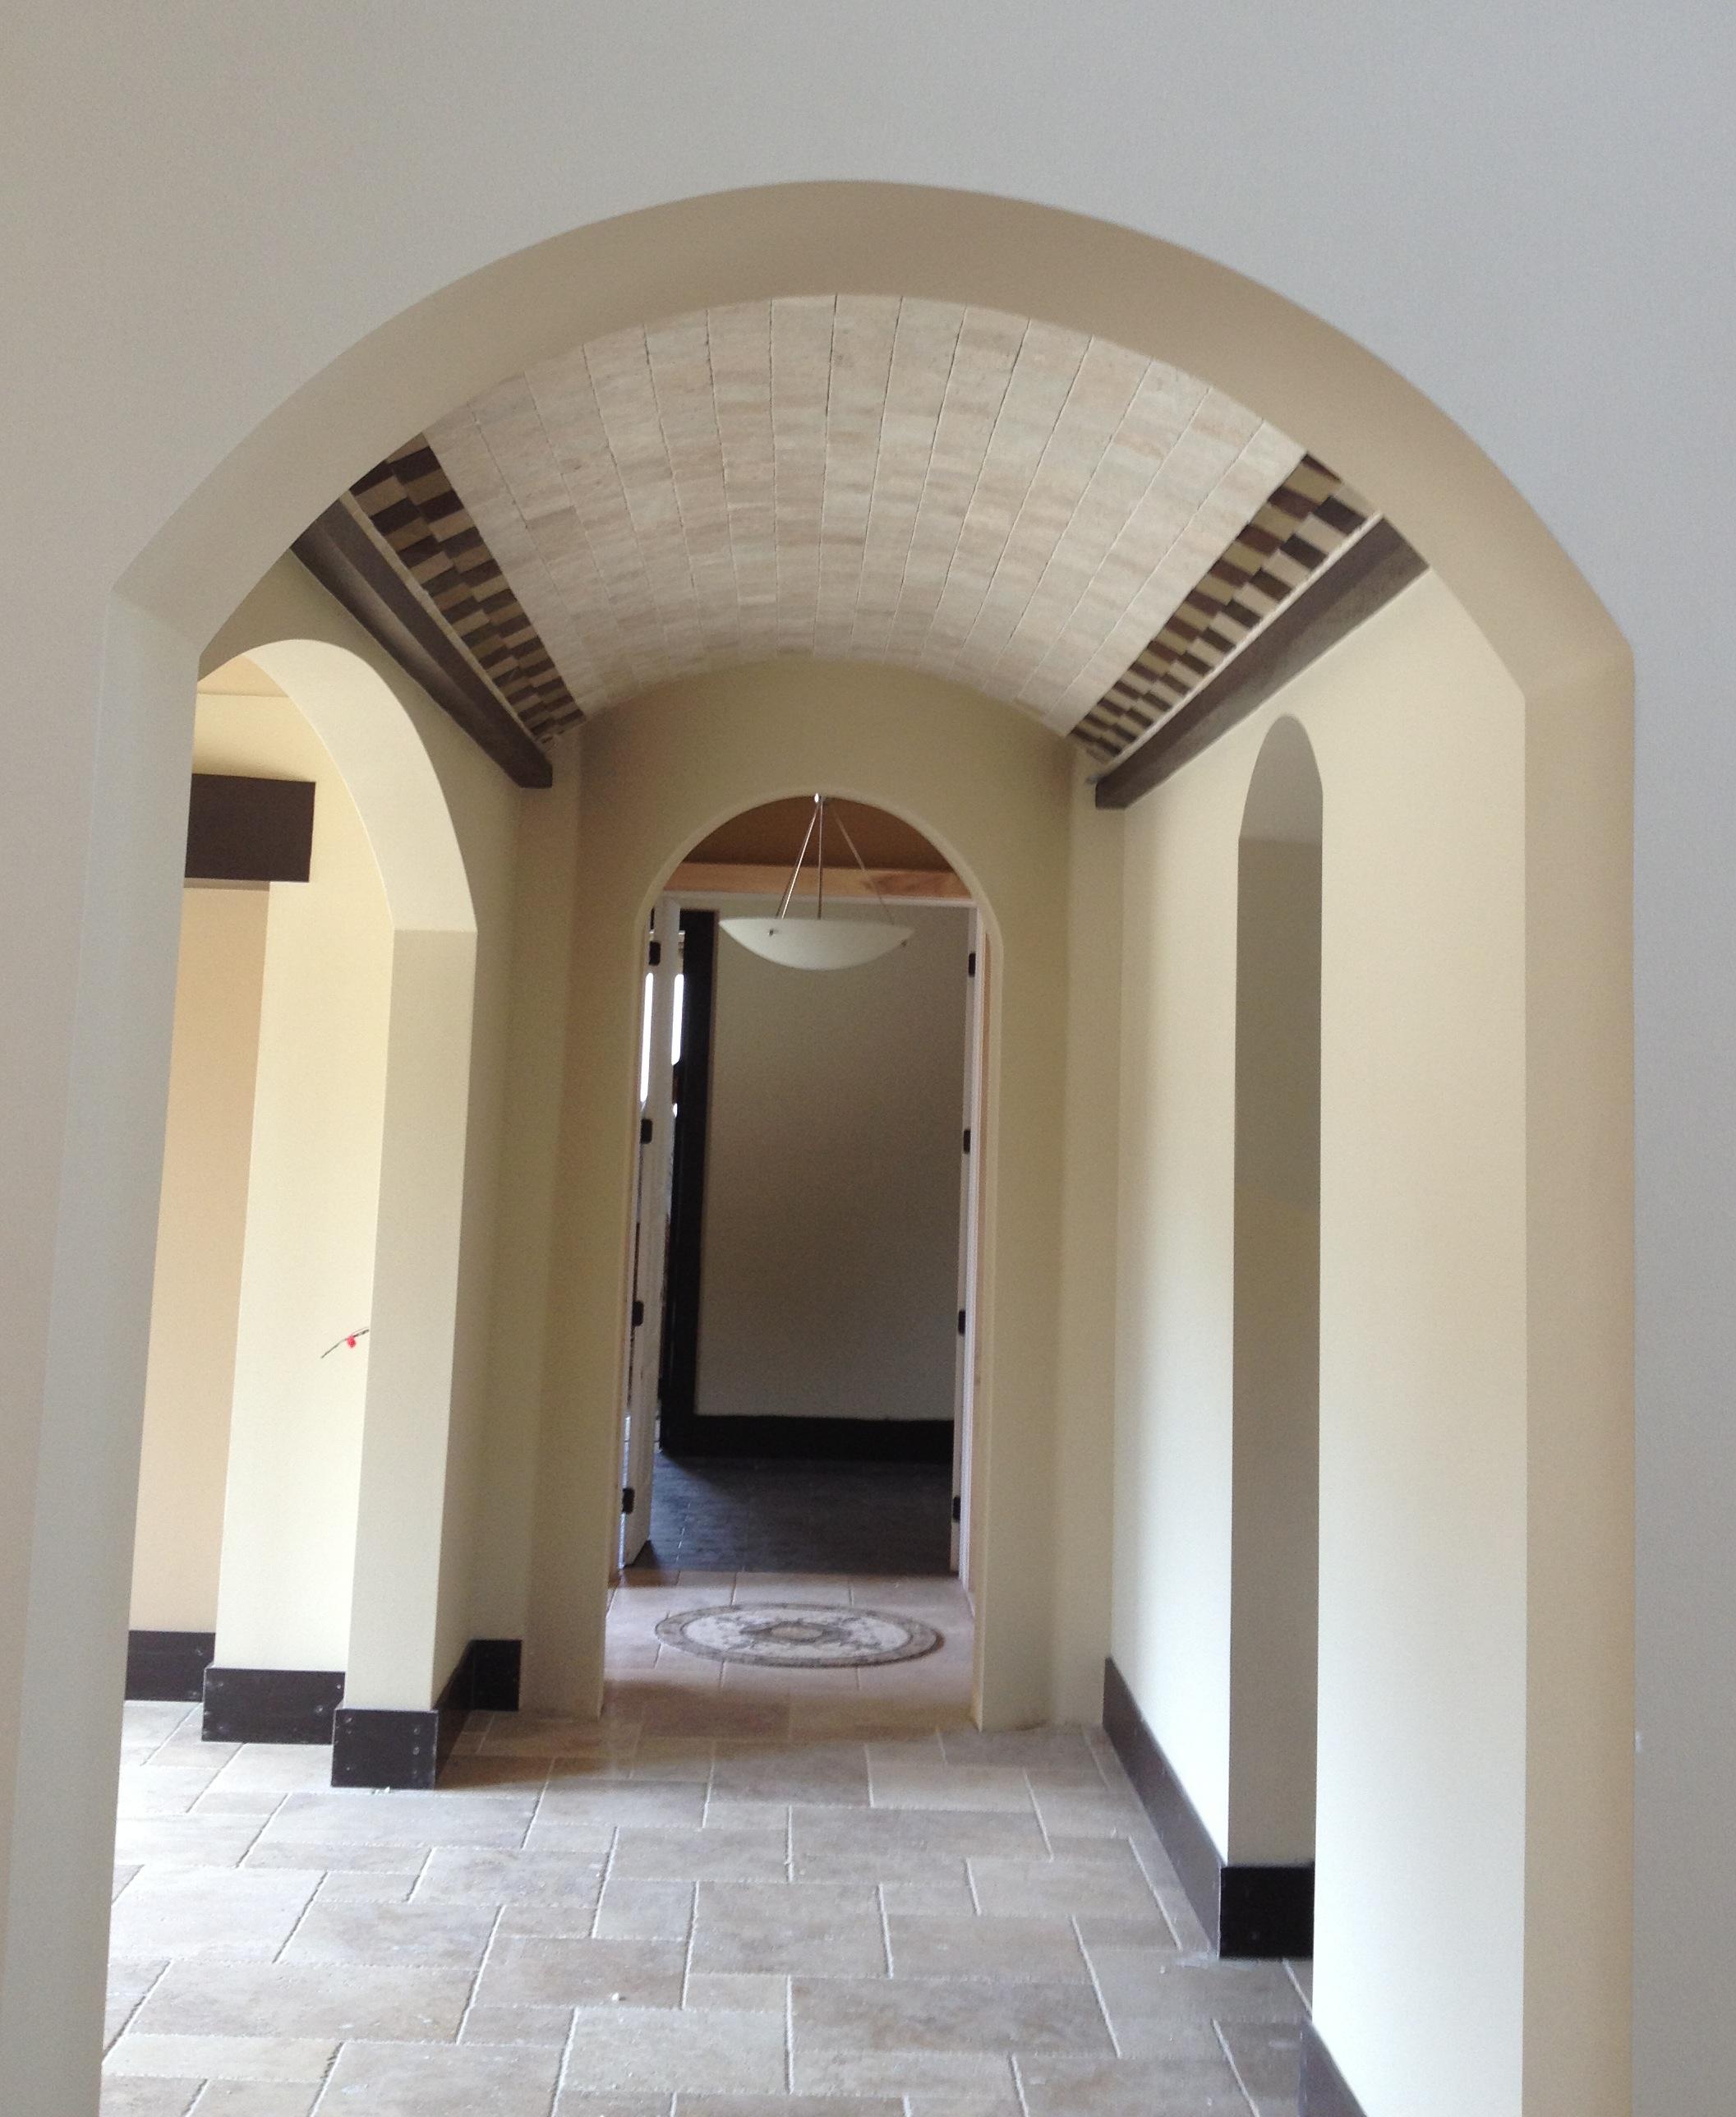 A Sneak Peek at a Mod Mediterranean Home Under Construction